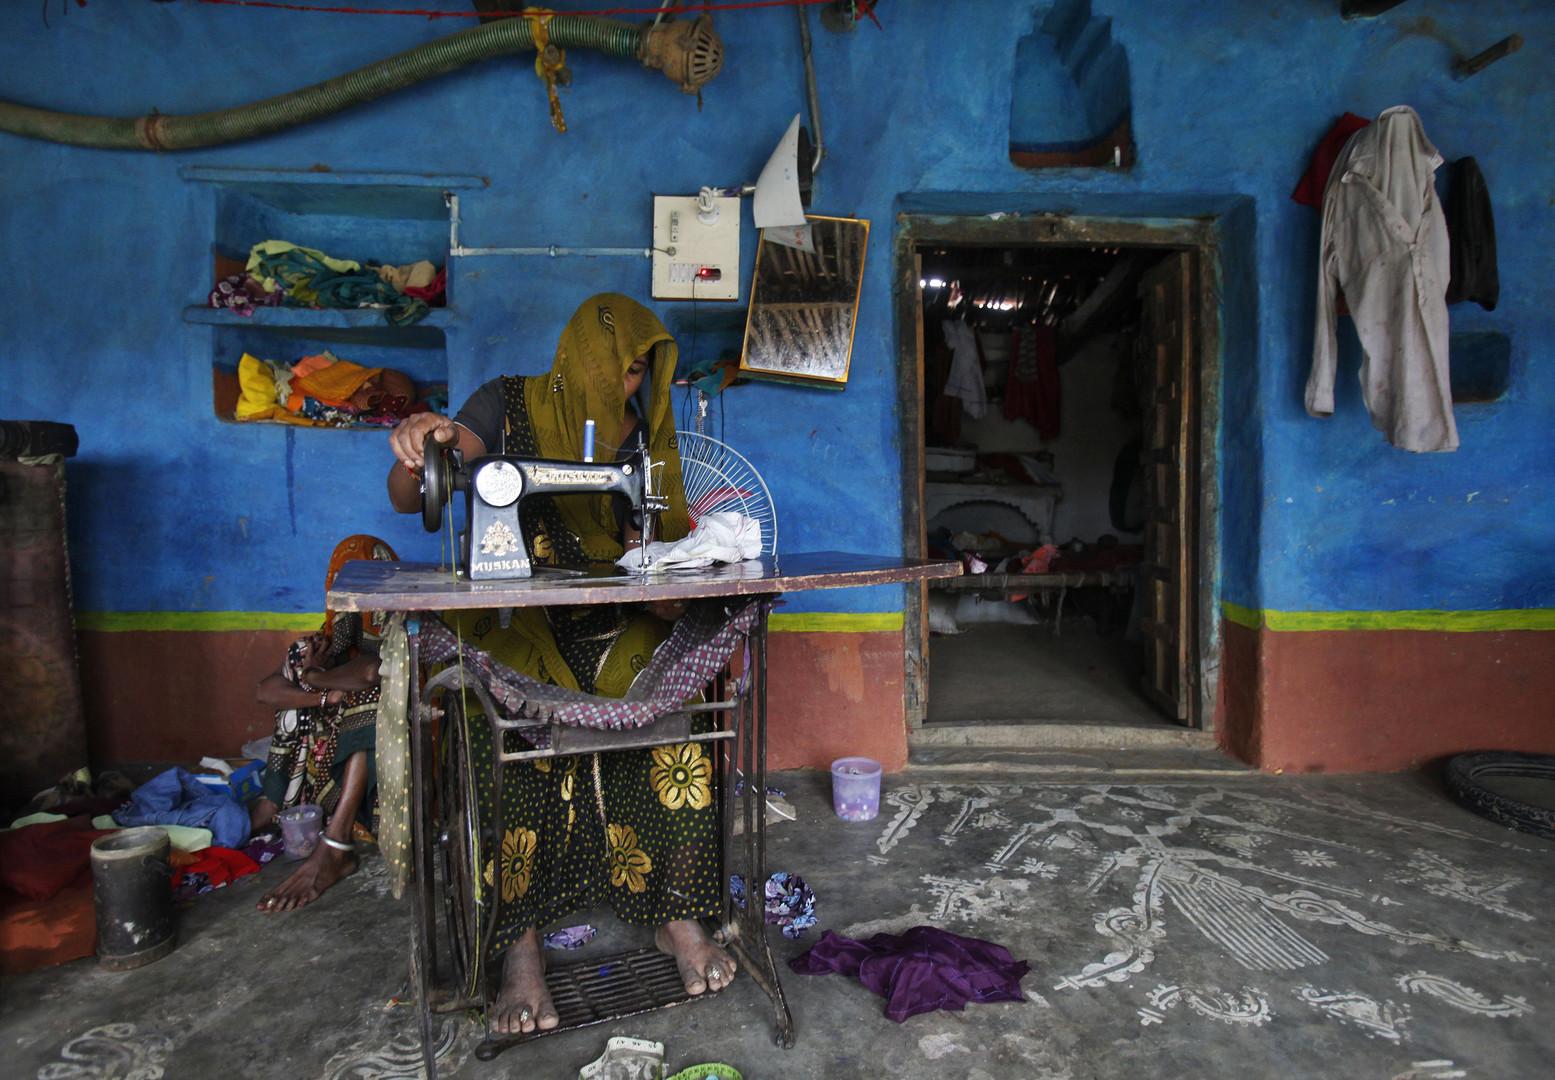 Näherin bei der Arbeit in Madhya Pradesh, Indien, Juni 2012.